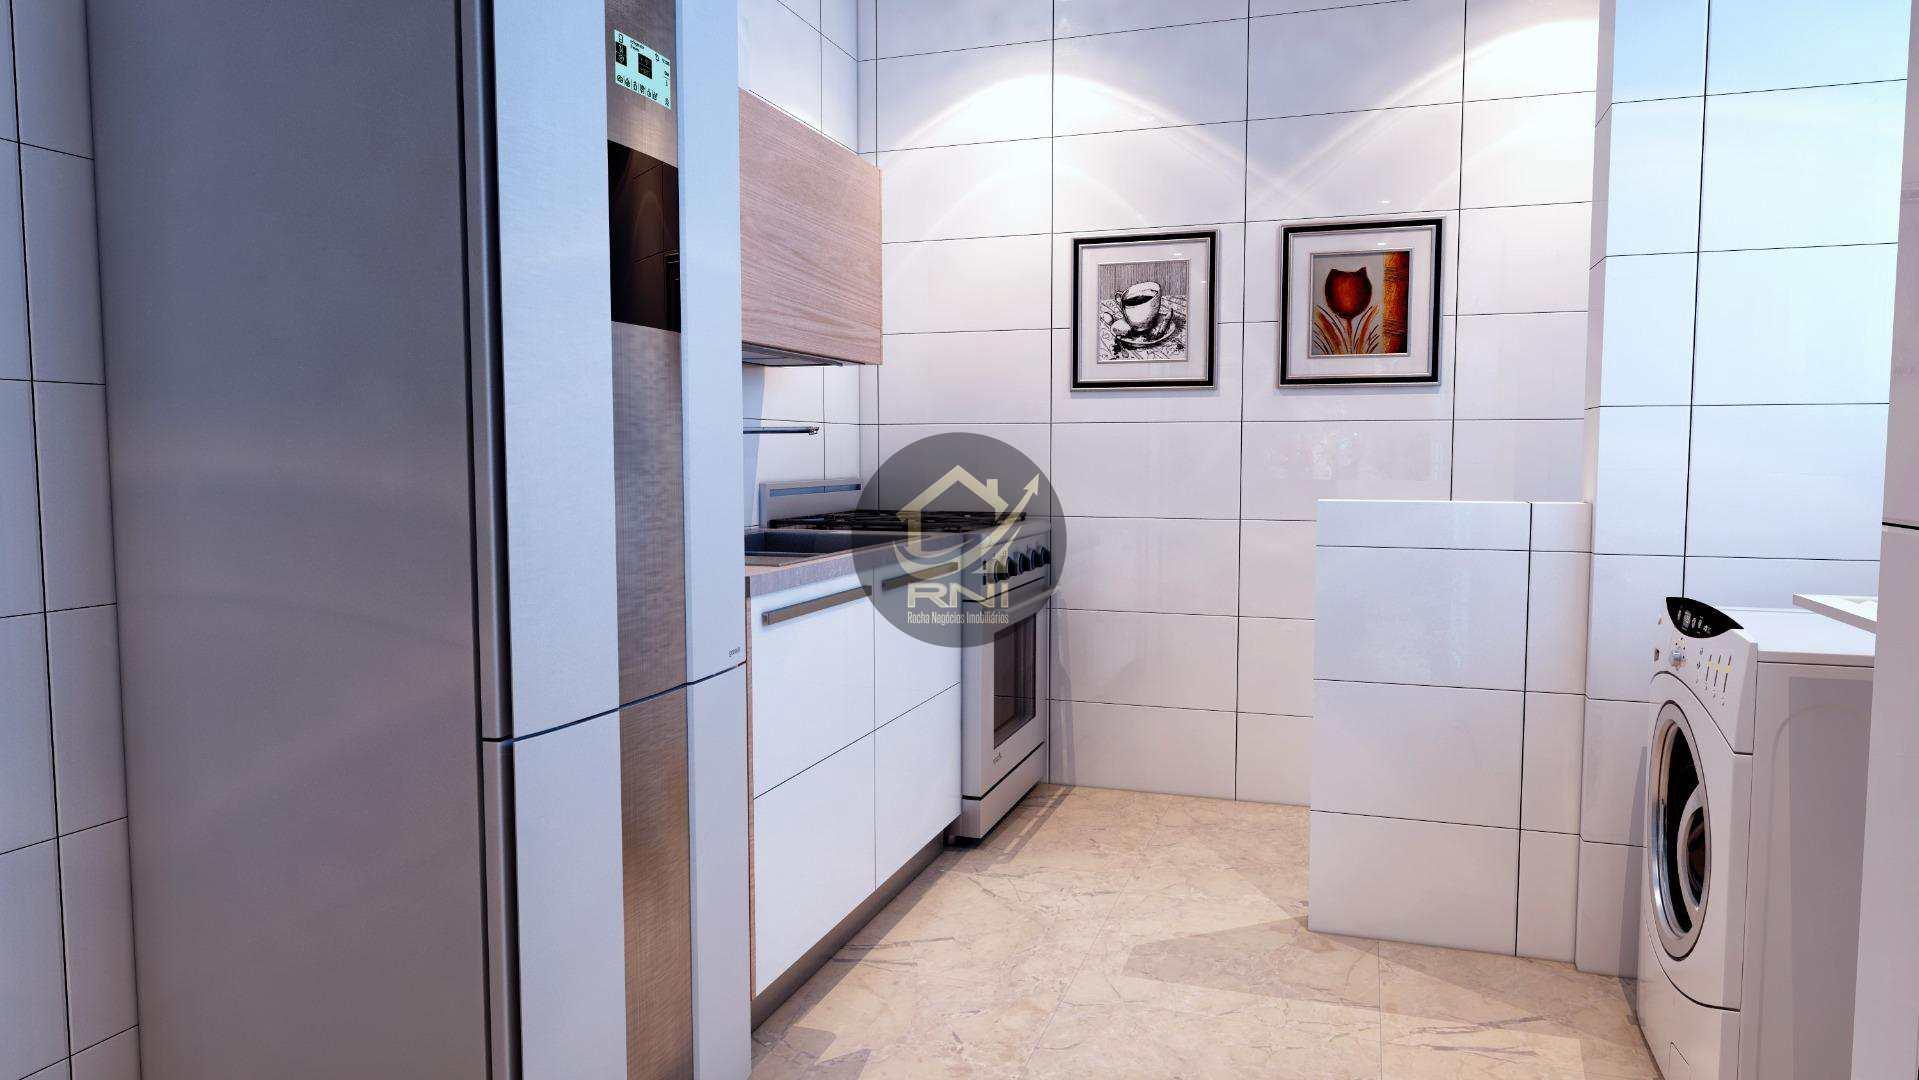 Apartamento com 2 dormitórios à venda, 79 m² por R$ 373.123,88 - Vila Guilhermina - Praia Grande/SP